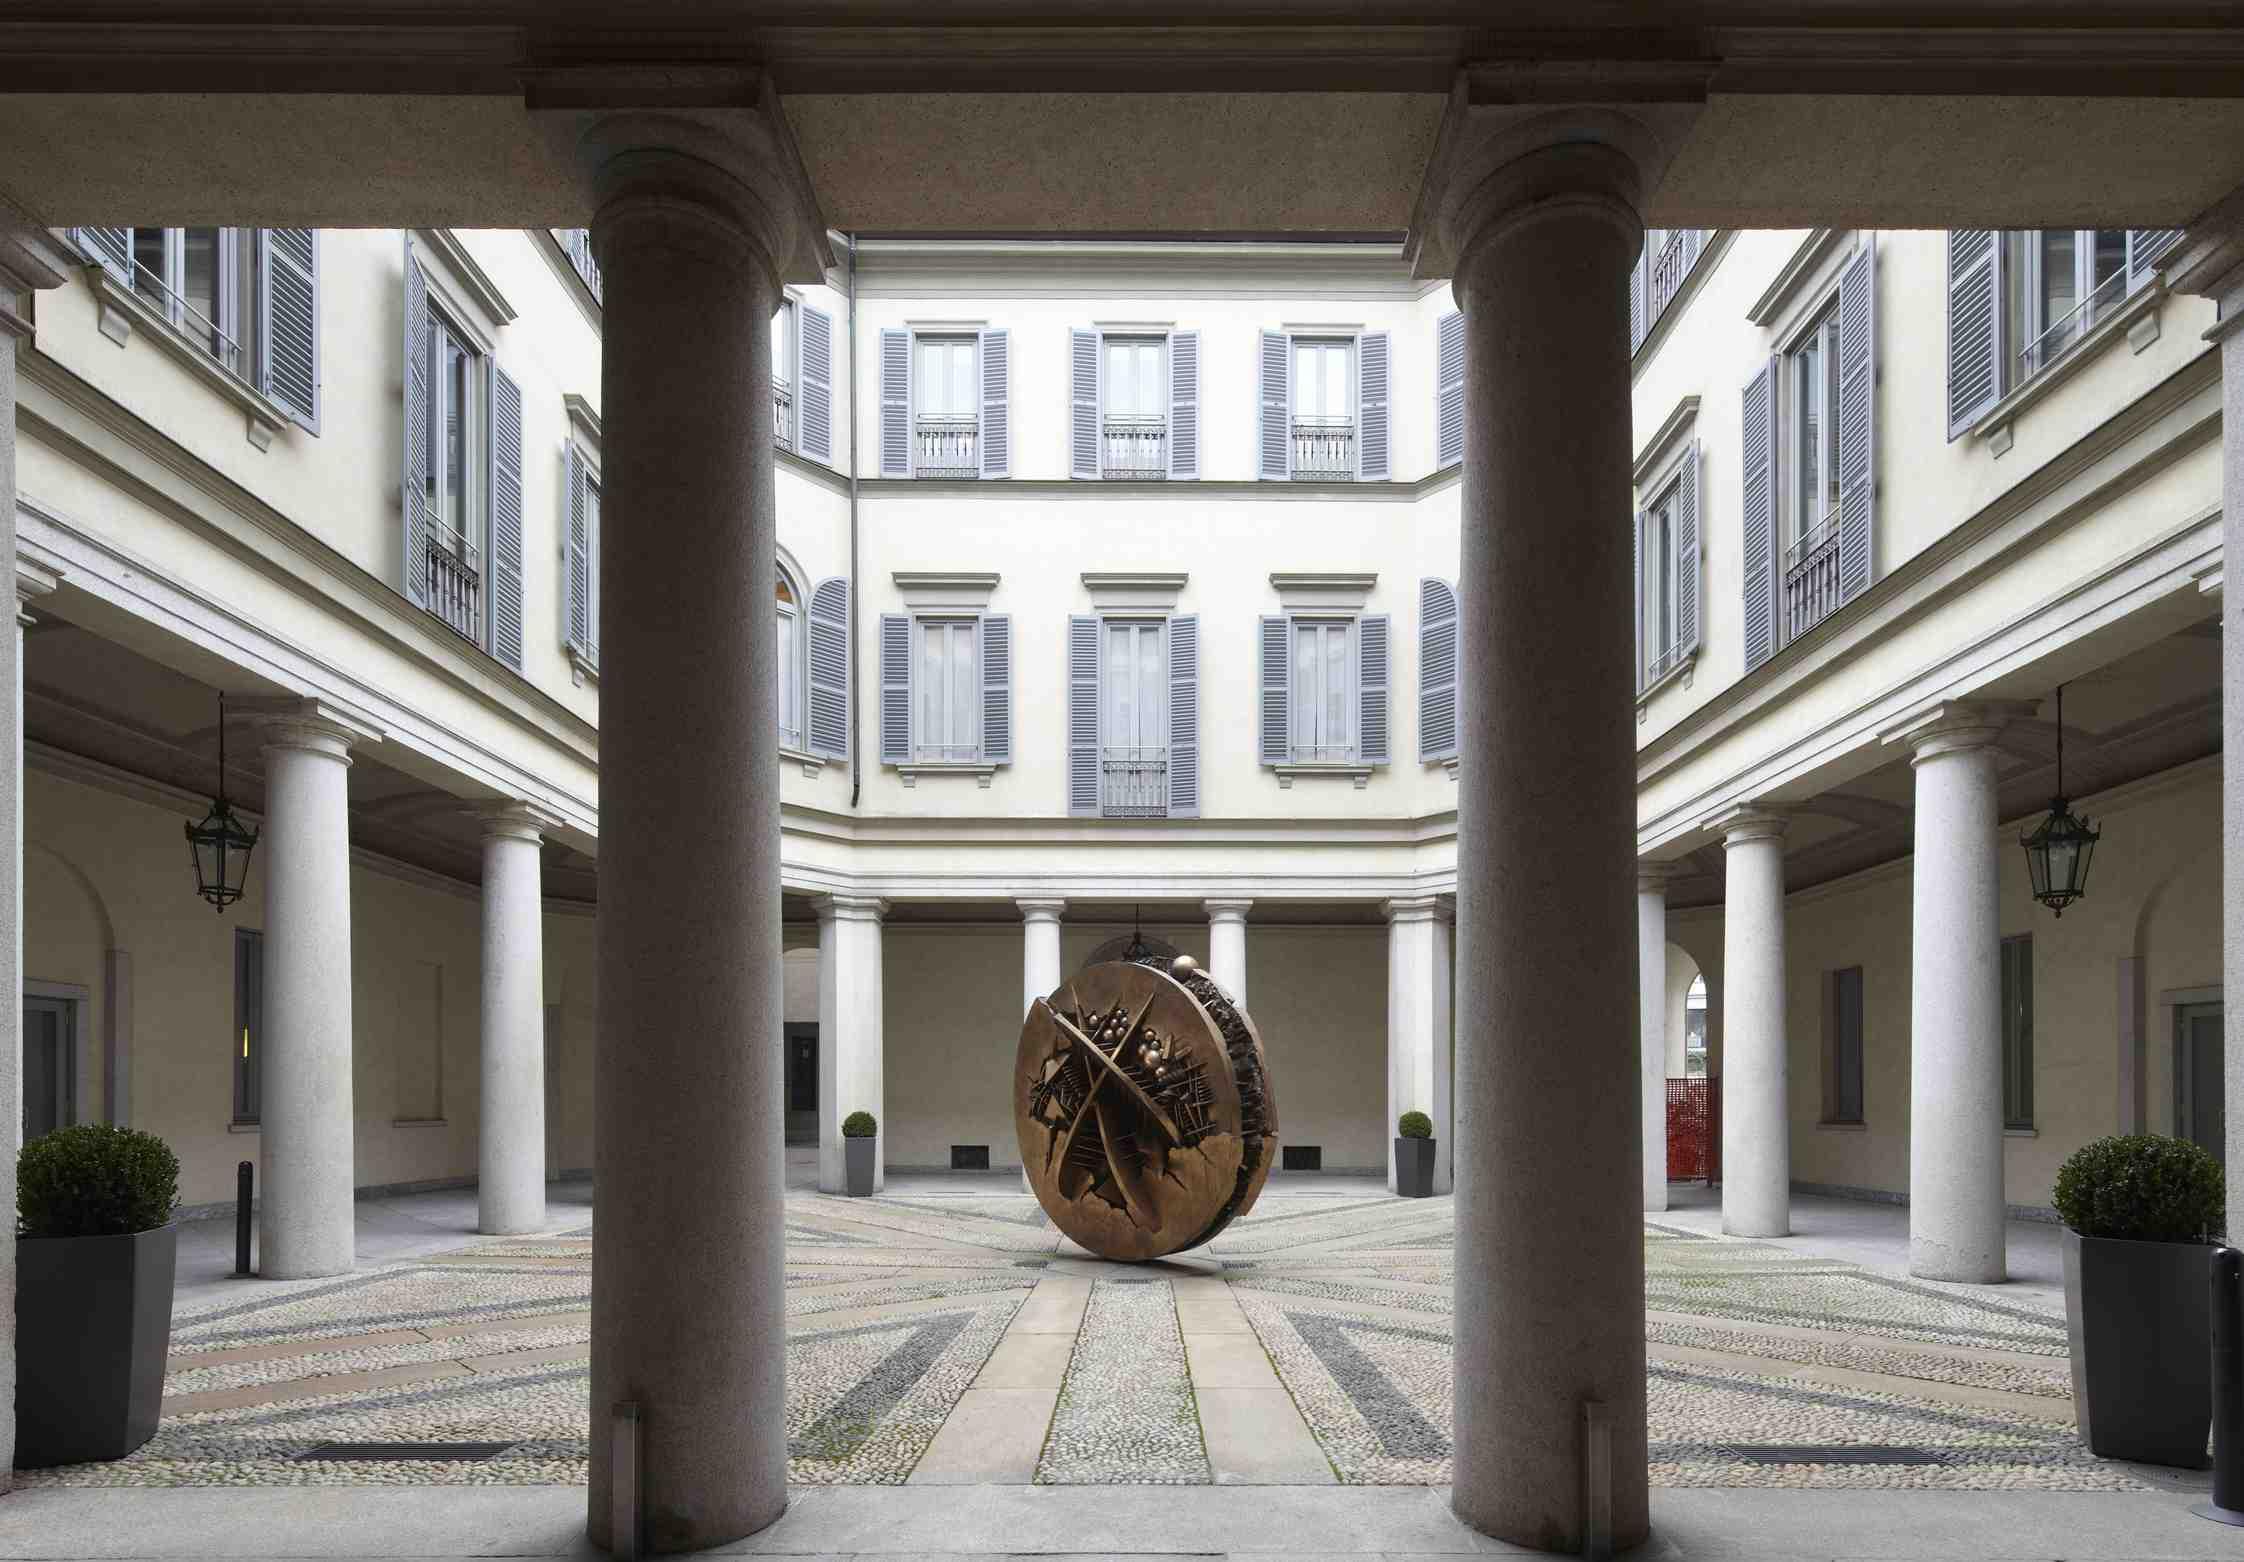 Il porticato interno di Palazzo Anguissola - Gallerie d'Italia - Piazza Scala - Milano